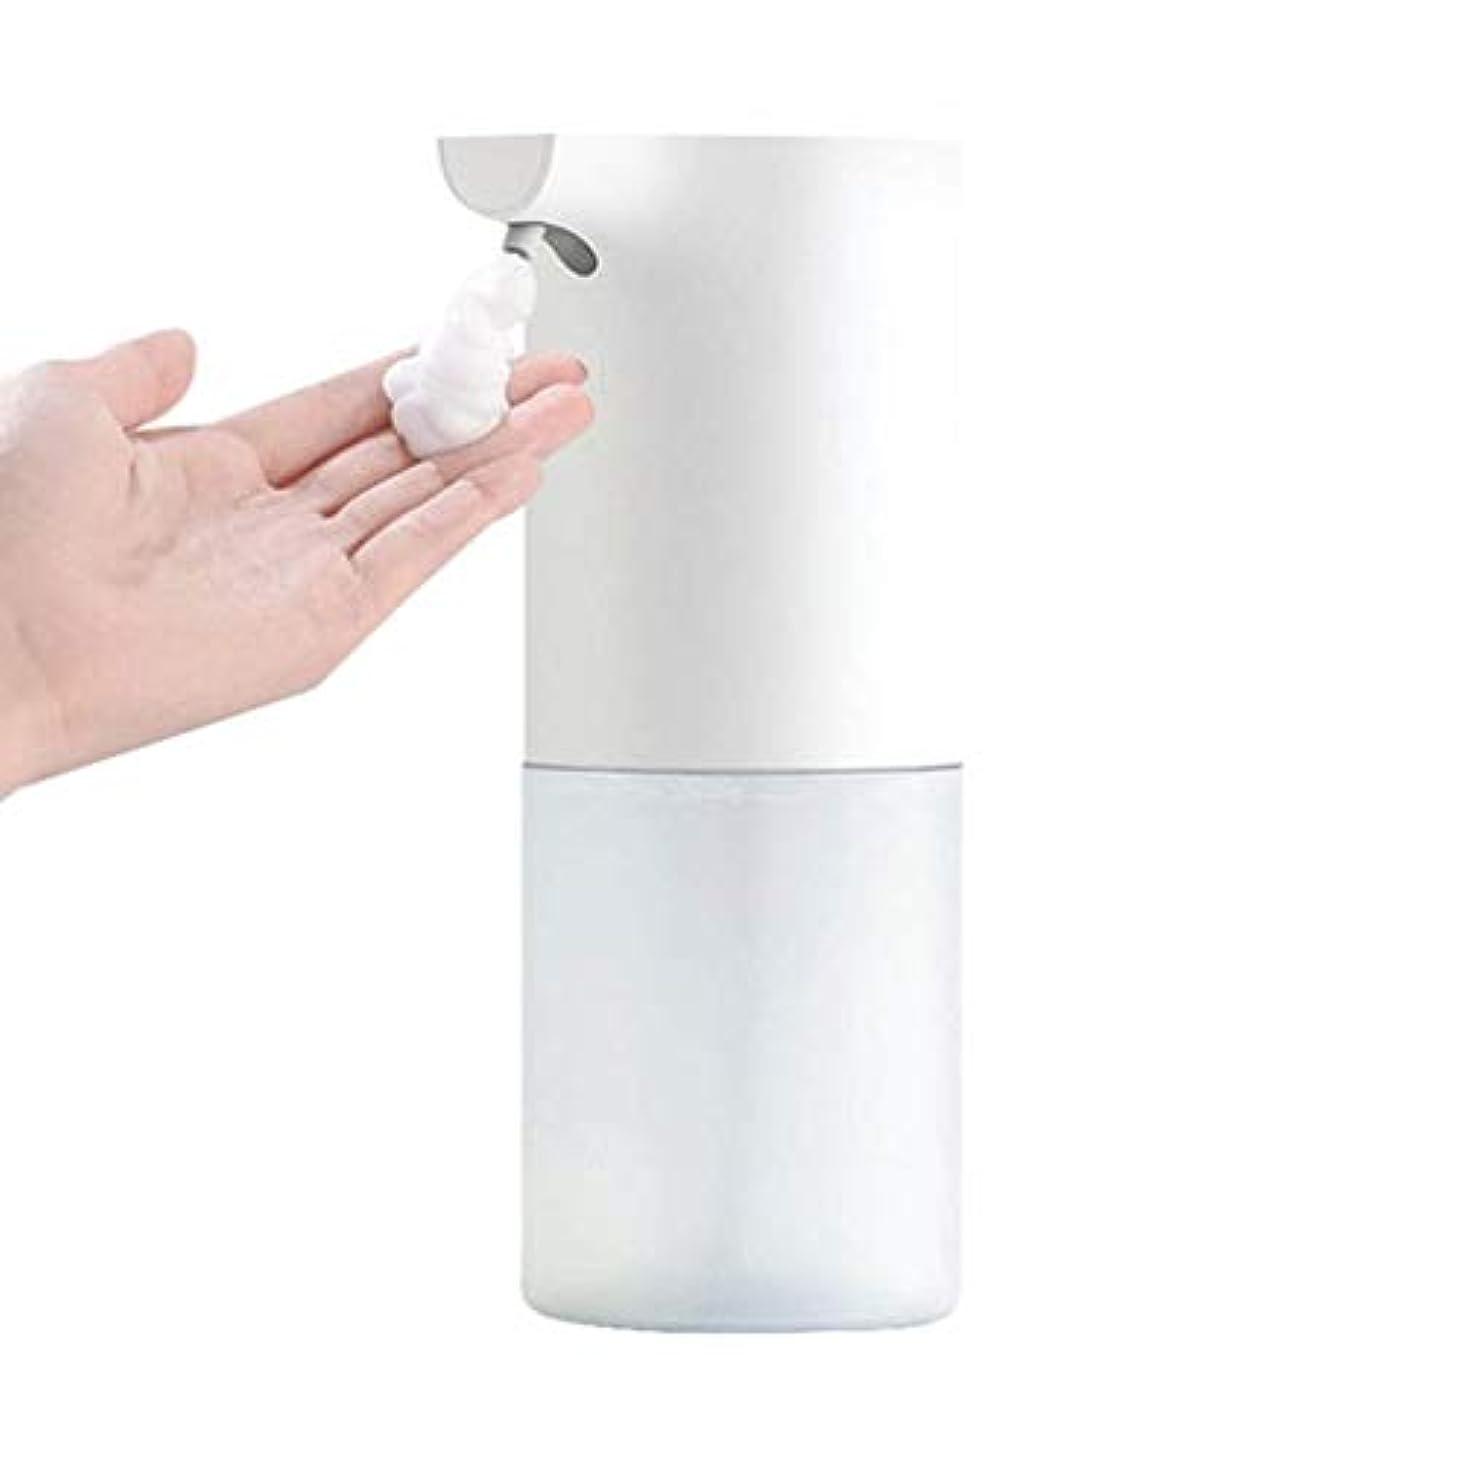 オペレーター昇進ラテン誘導接触無料ハンドソープボトル手洗い自動洗濯携帯電話浴室キッチンプラスチック材料ローション(色:白、サイズ:7.3 * 7.3 * 19 cm) (Color : White, Size : 7.3*7.3*19cm)